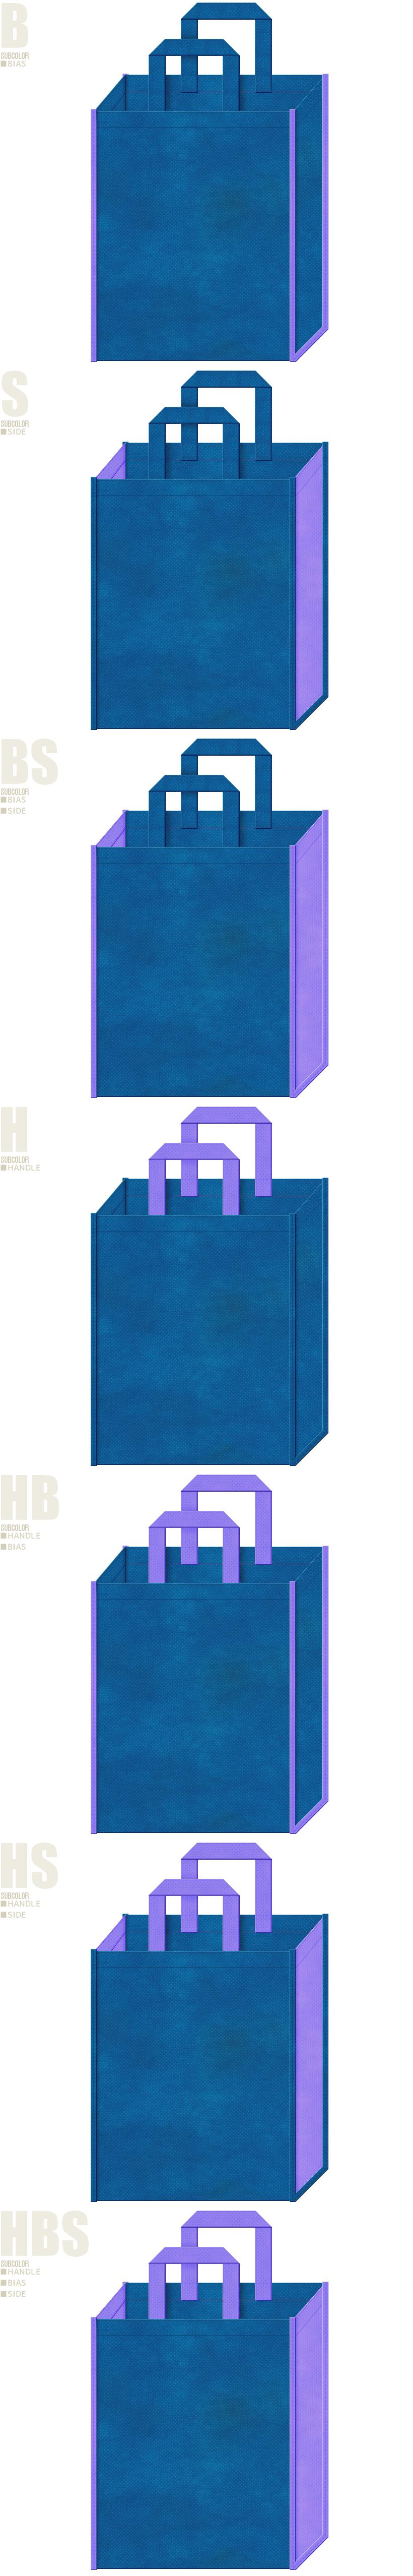 青色と薄紫色-7パターンの不織布トートバッグ配色デザイン例